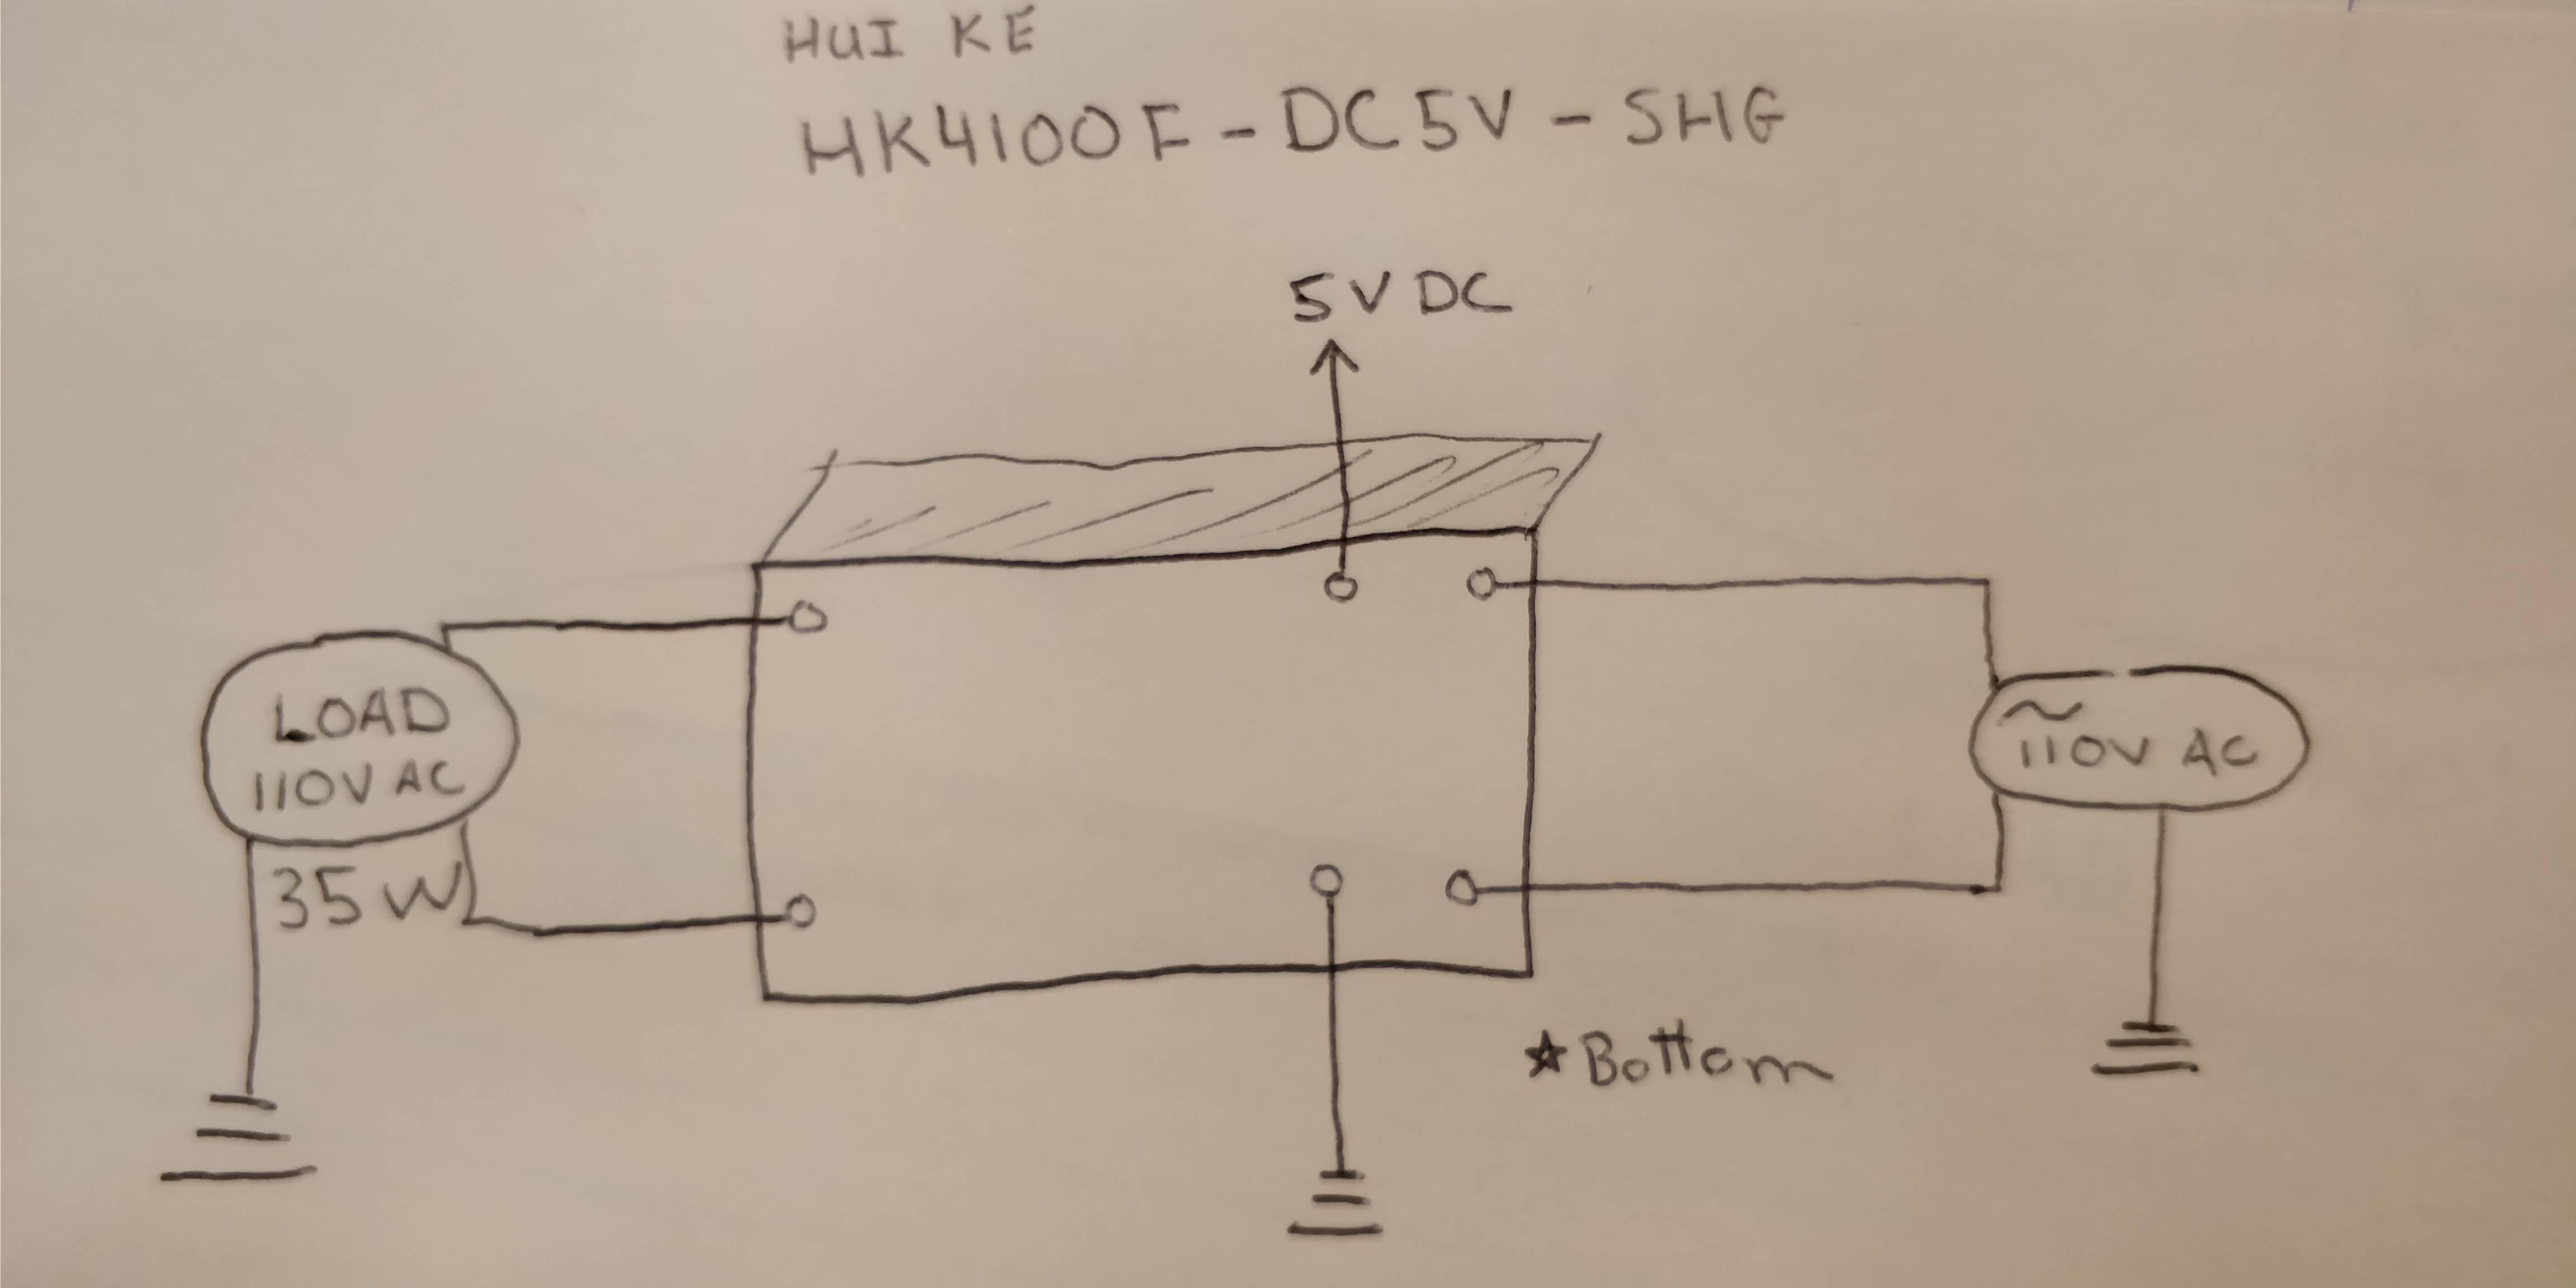 honda vt500c wiring diagram wiring diagrams best 1984 honda vt500c wiring wiring diagram library vf700s wiring diagram honda vt500c wiring diagram